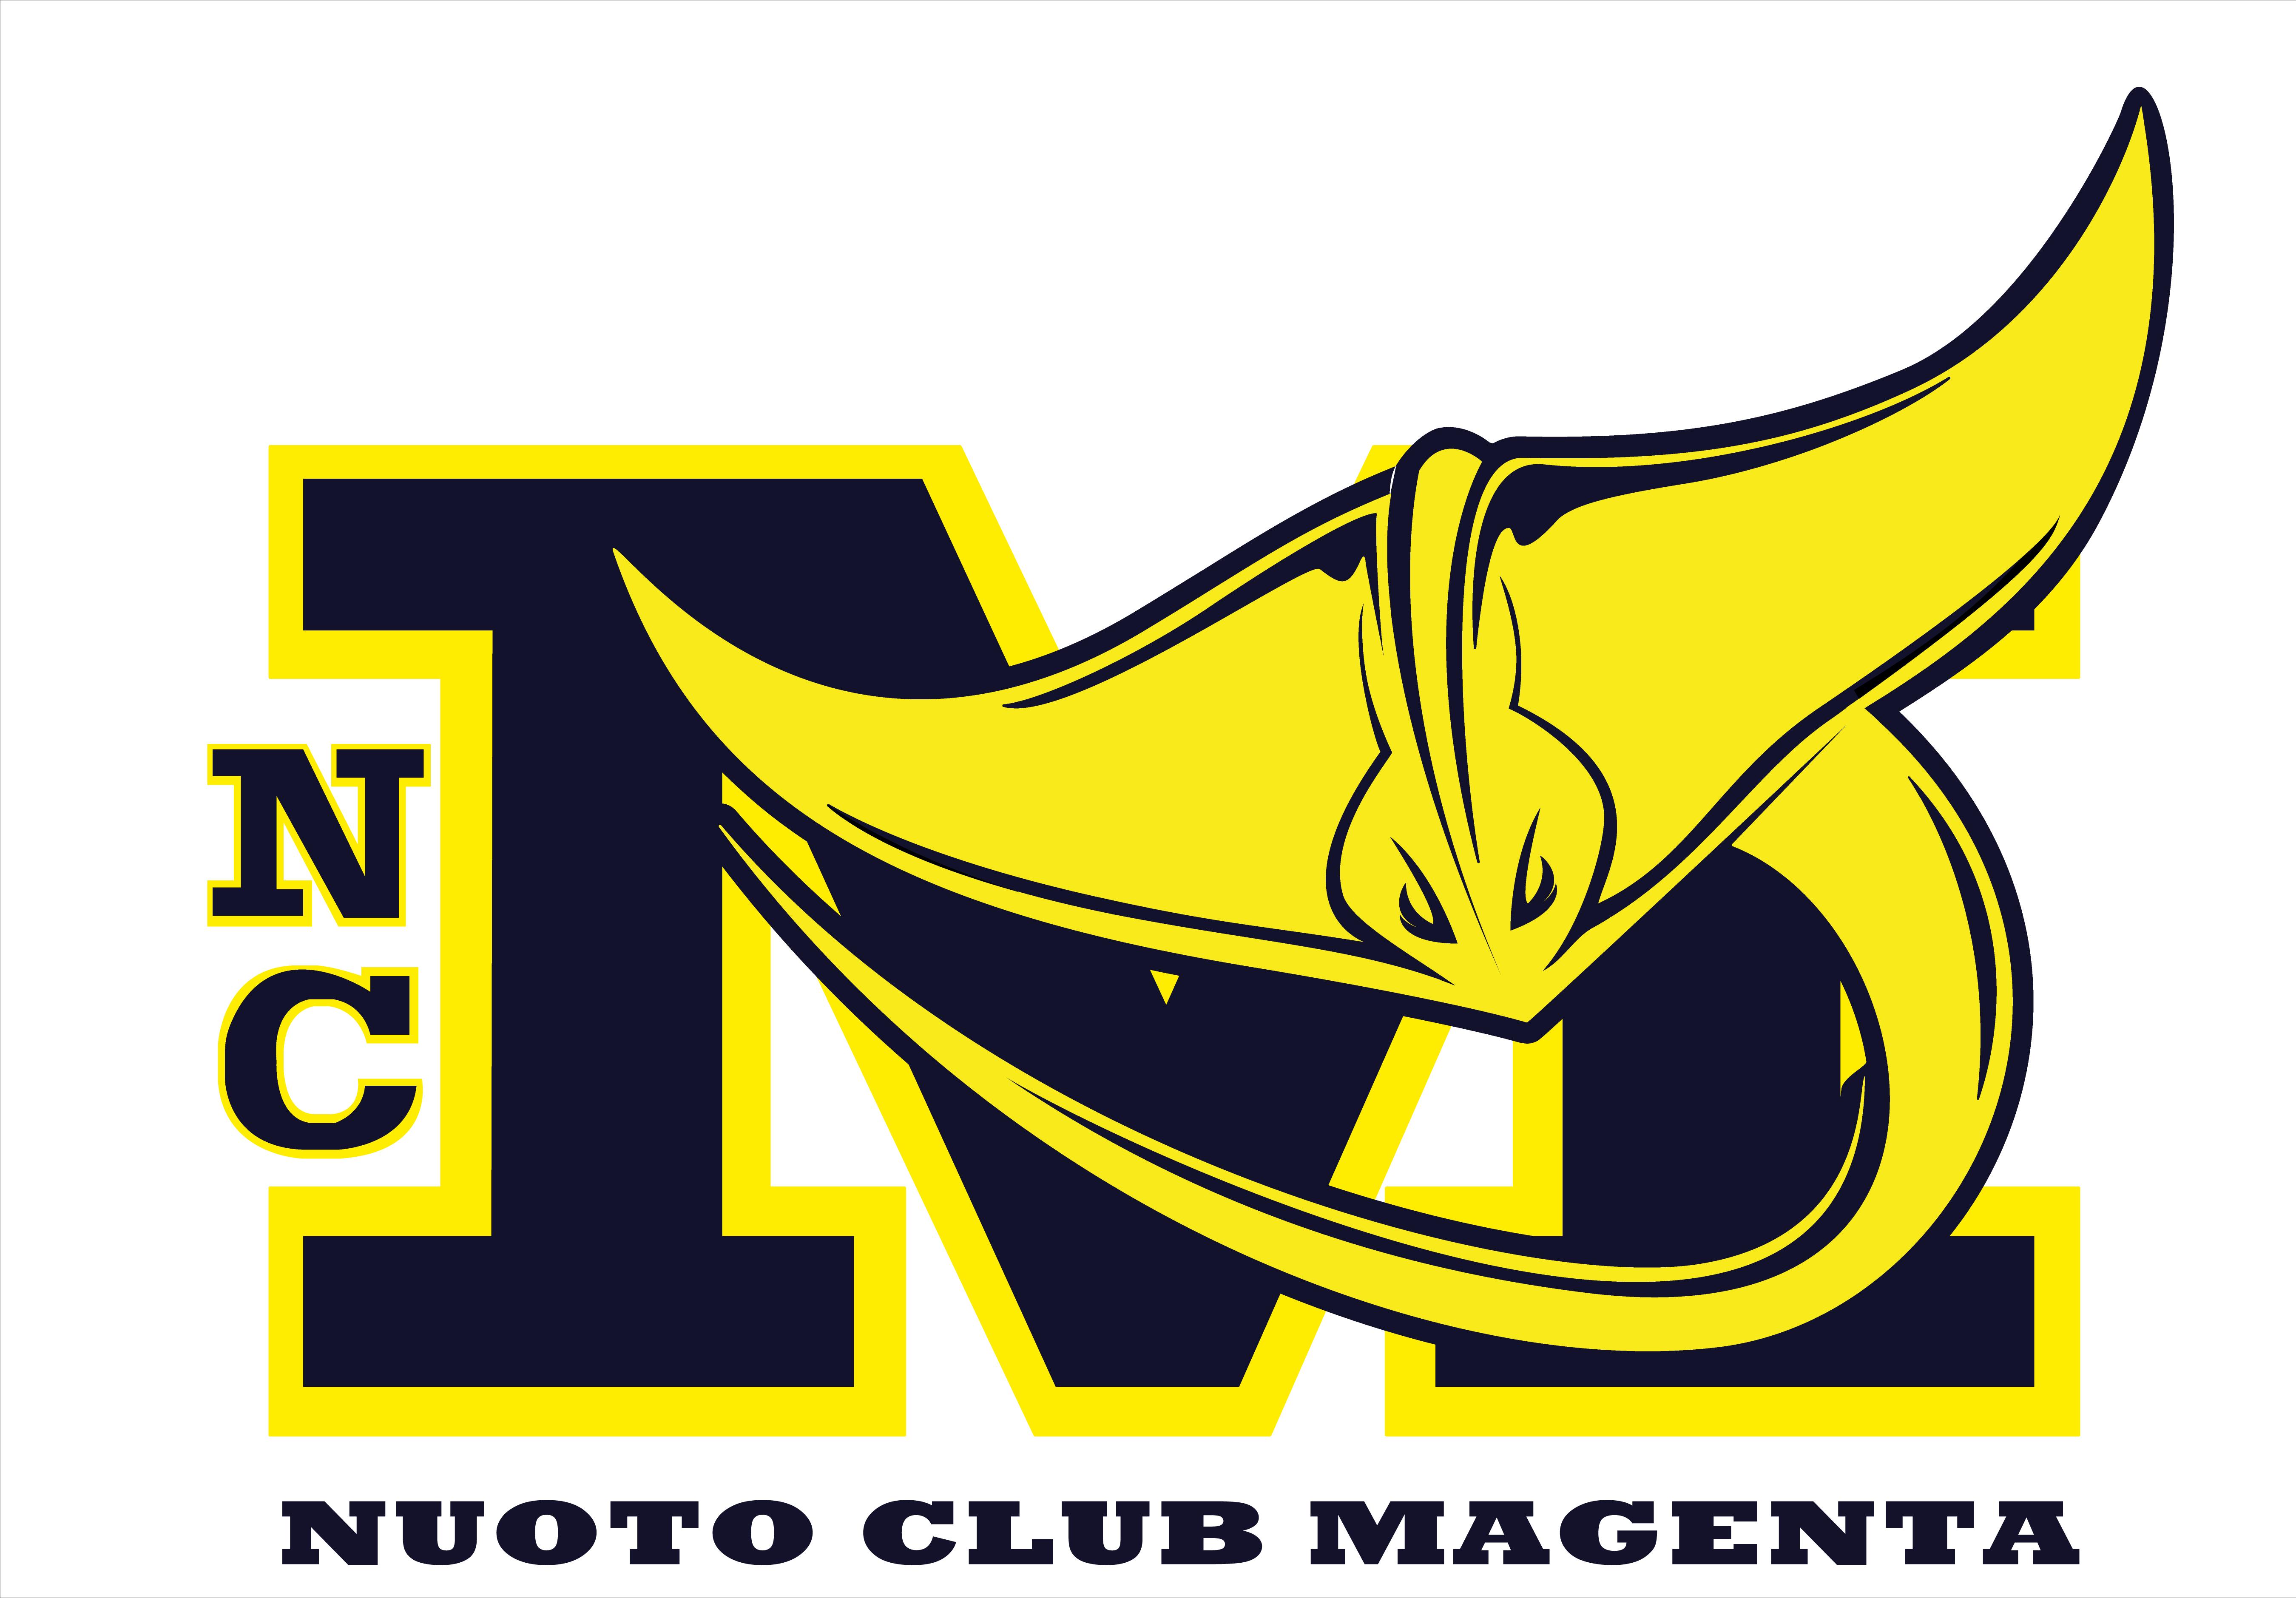 Nuoto club magenta - Piscina trezzano sul naviglio nuoto libero ...